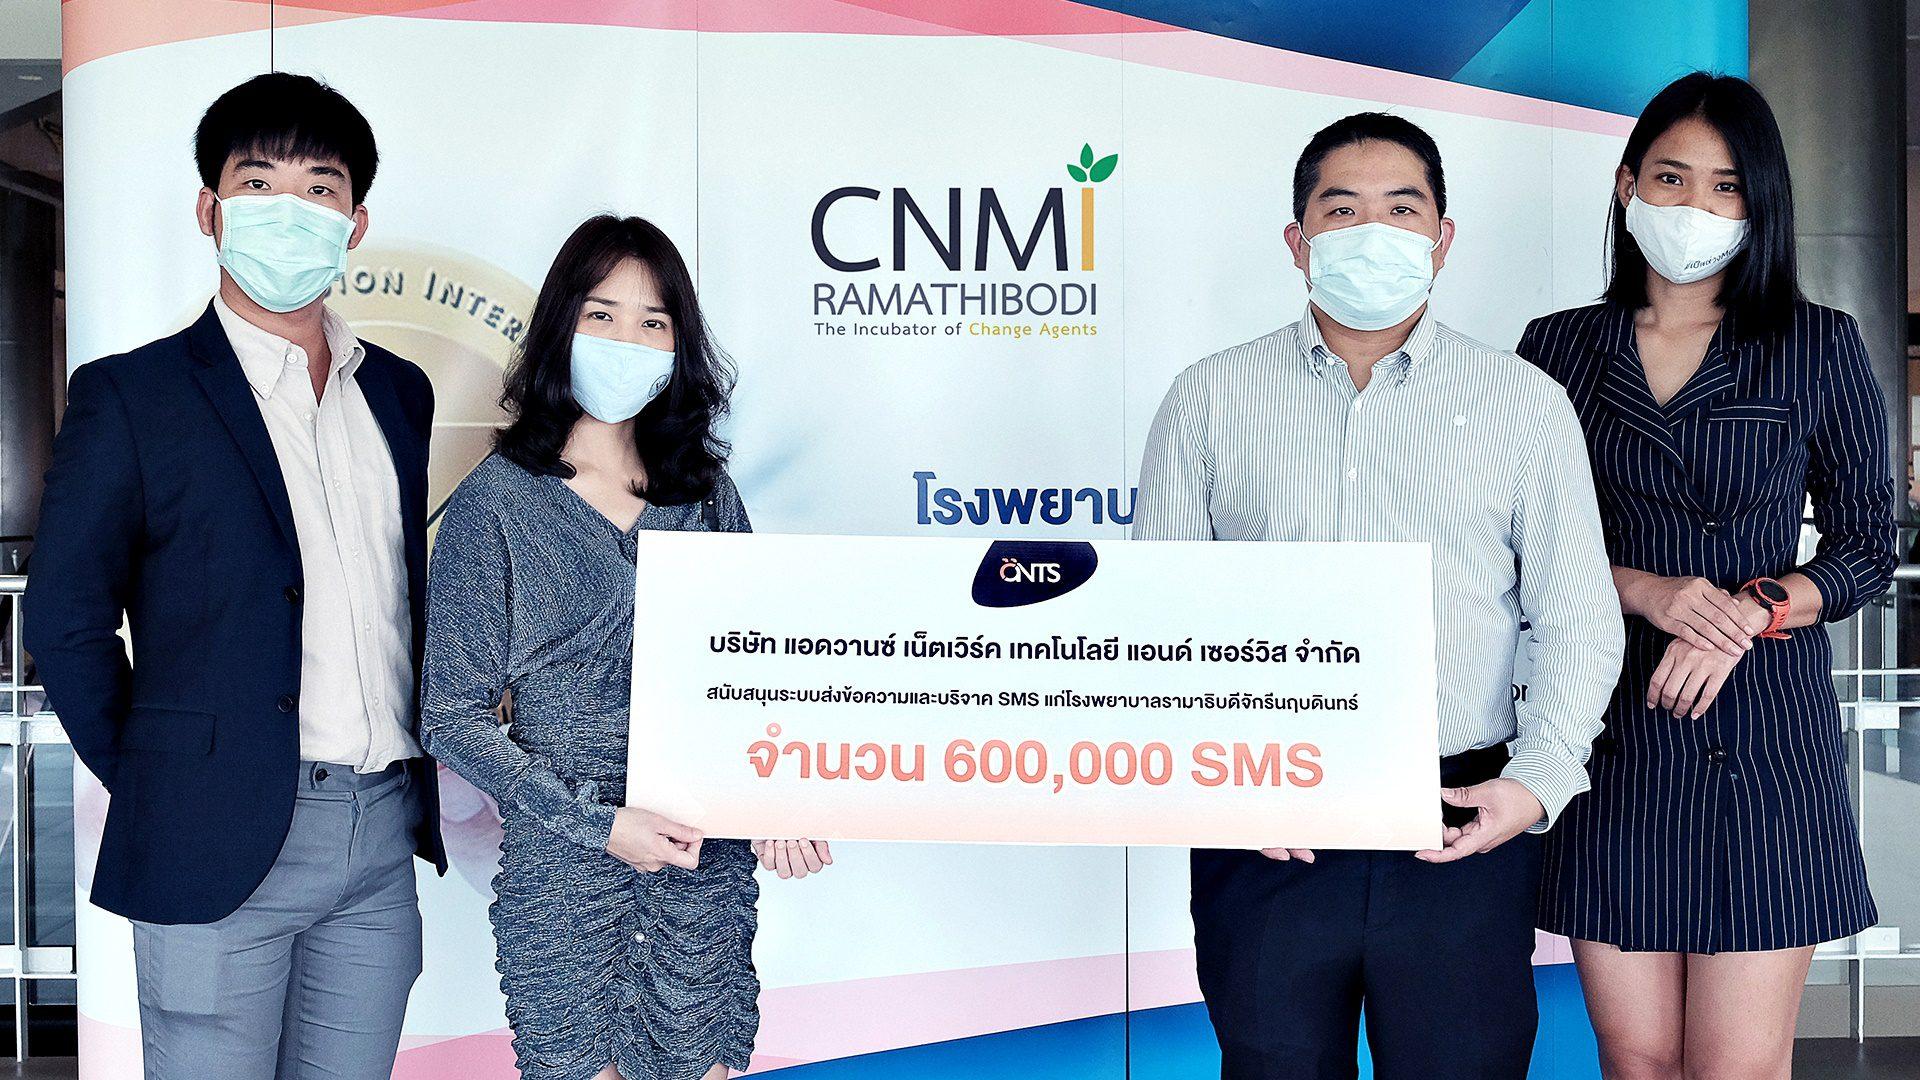 ANTS สตาร์ทอัพไทย ส่งมอบดิจิทัลโซลูชั่นผ่าน 'แพลตฟอร์ม SMS' ต้านภัยโควิด – 19 แก่โรงพยาบาล